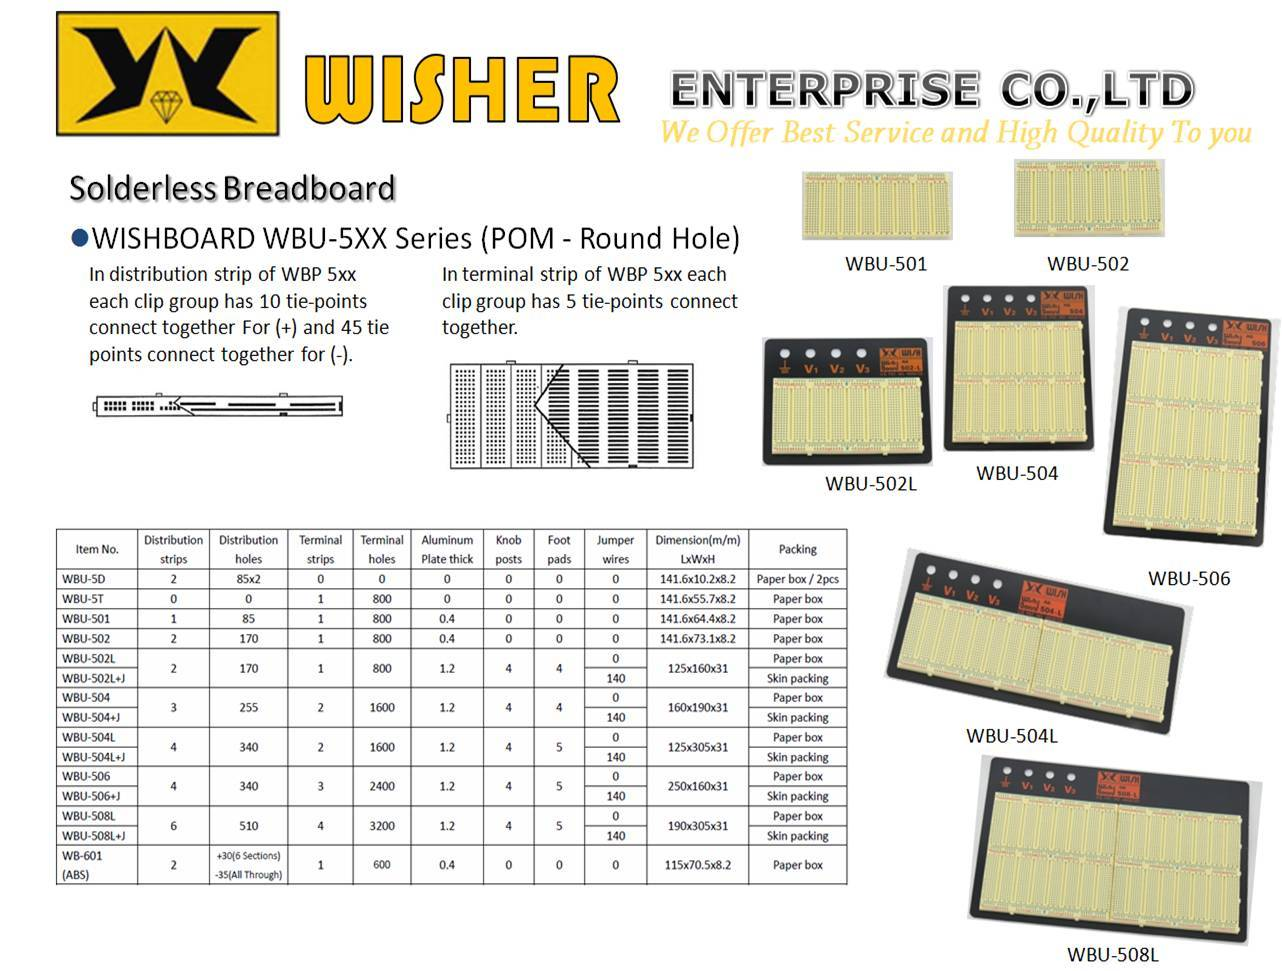 Solderless Breadboard, WISHBOARD WBU-5XX Series(POM - Round Hole)